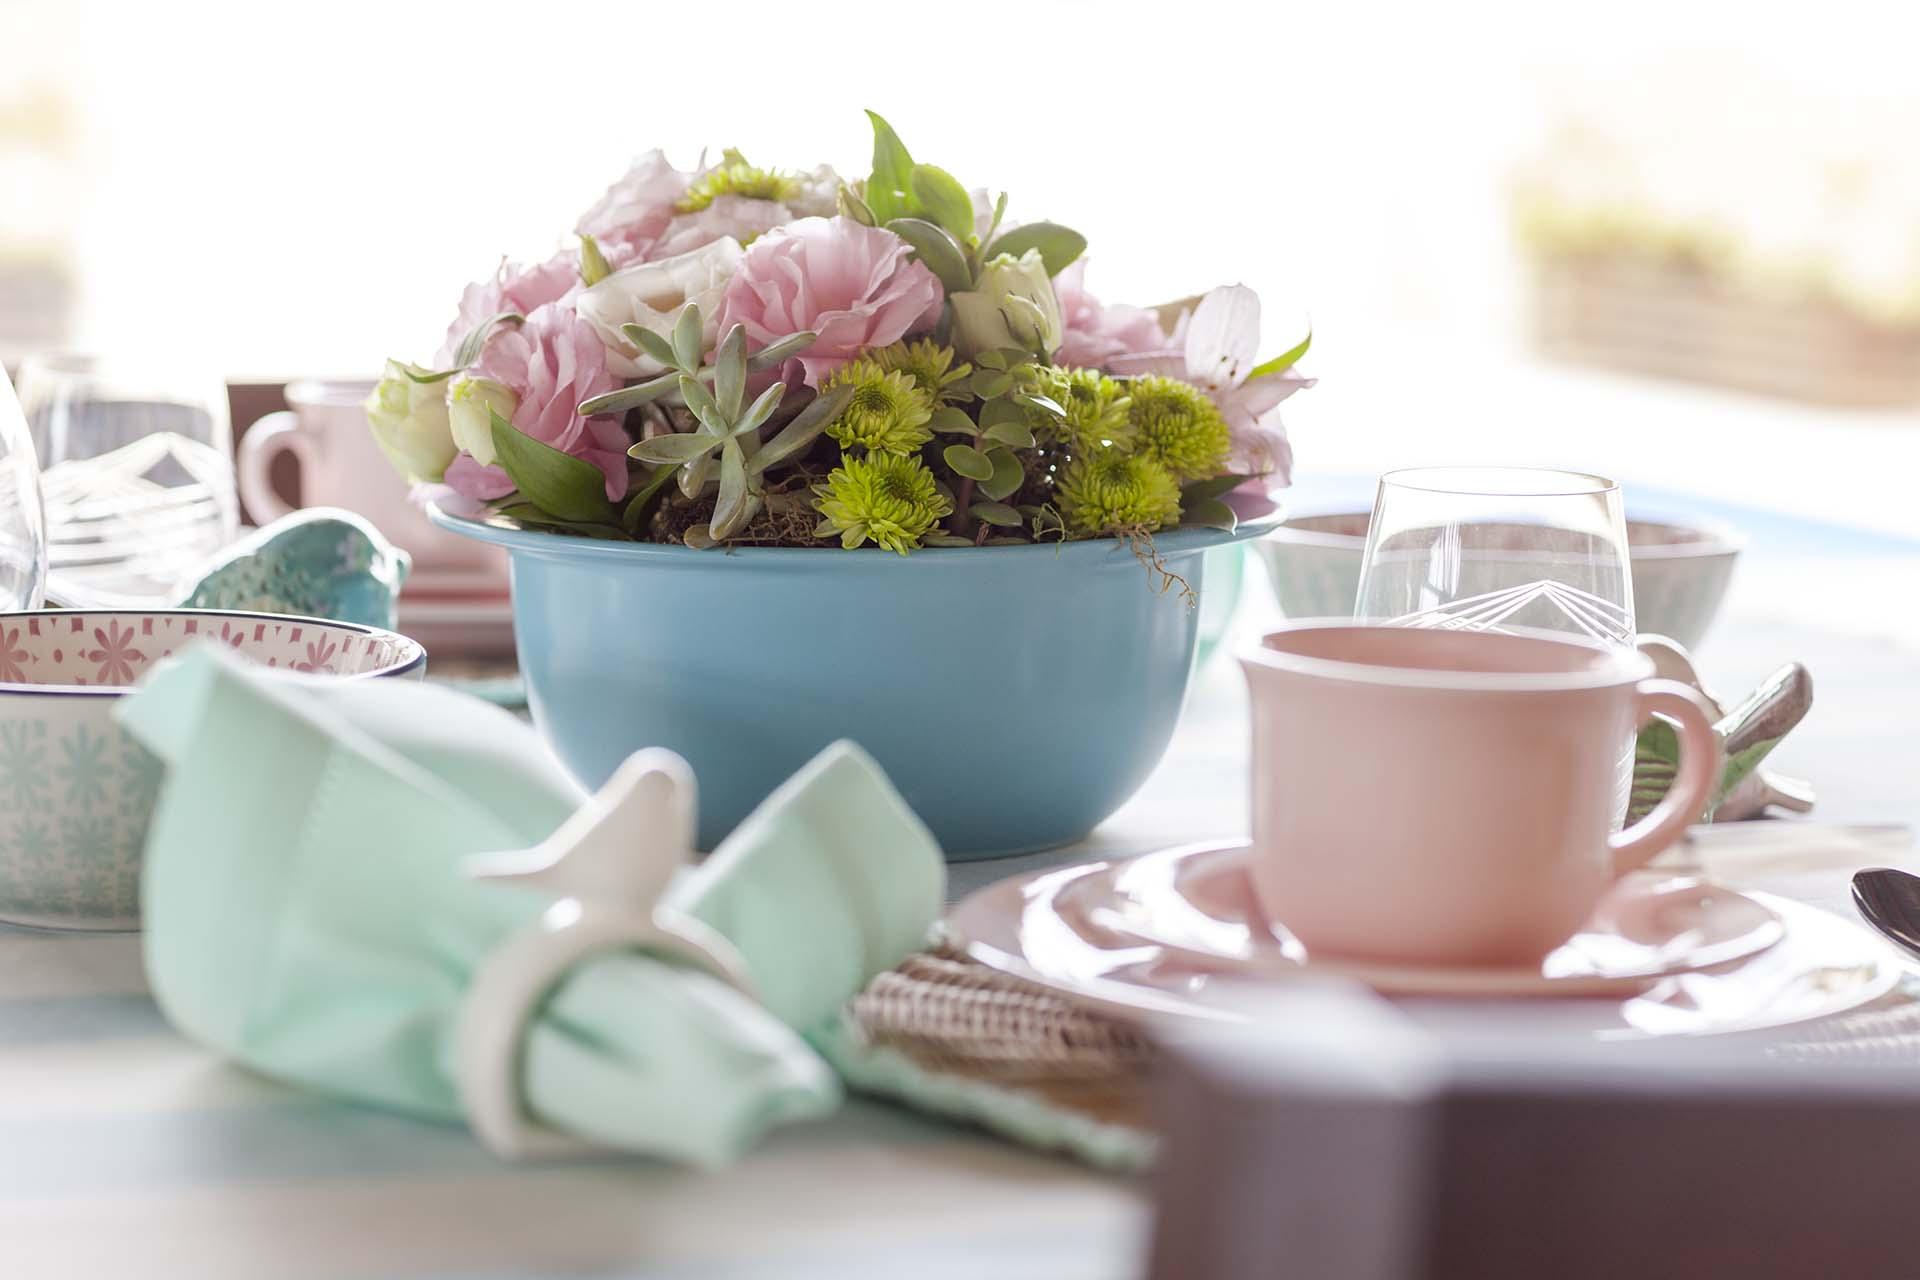 Imagem: Panelas com arranjos de flores podem ser uma ótima ideia para inovar e surpreender na composição da mesa posta. Foto: Raphael Günther/Bespoke Content.